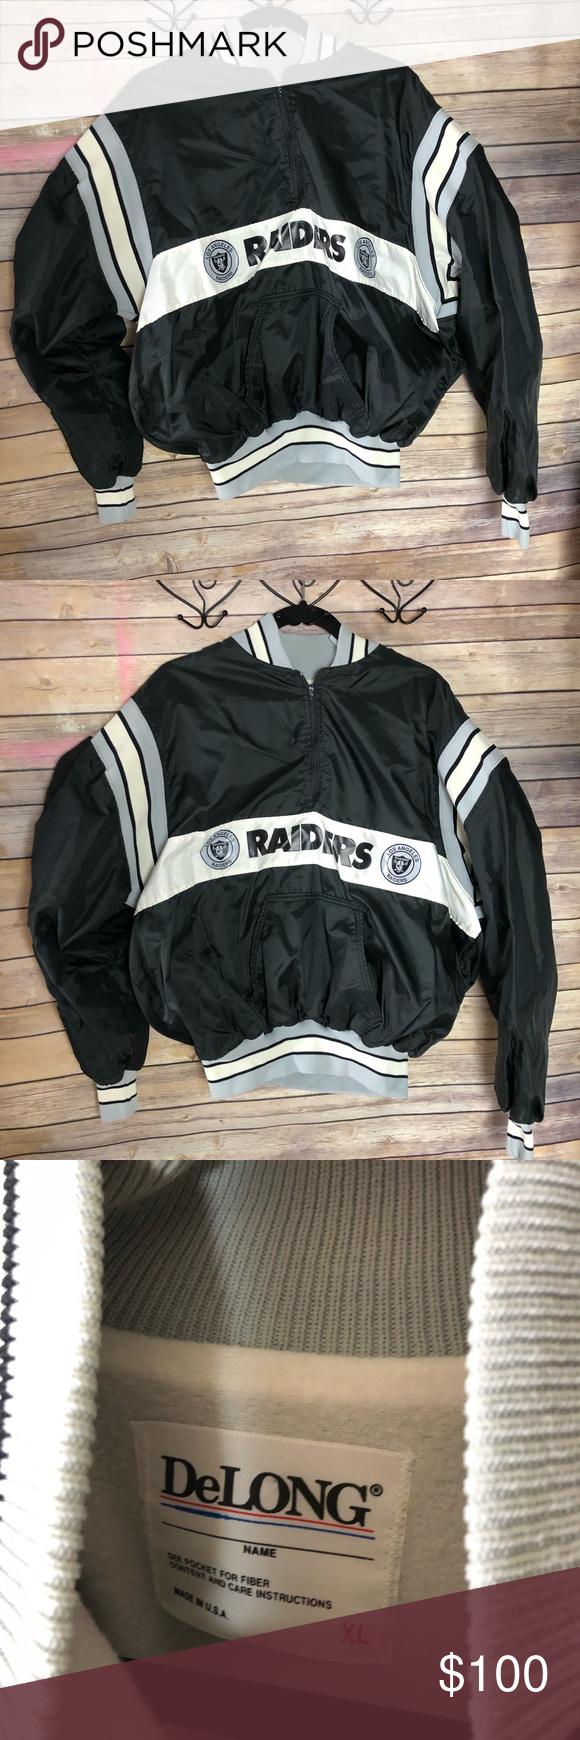 Vintage Los Angeles Raiders Jacket Jackets Pullover Jacket Vintage Los Angeles